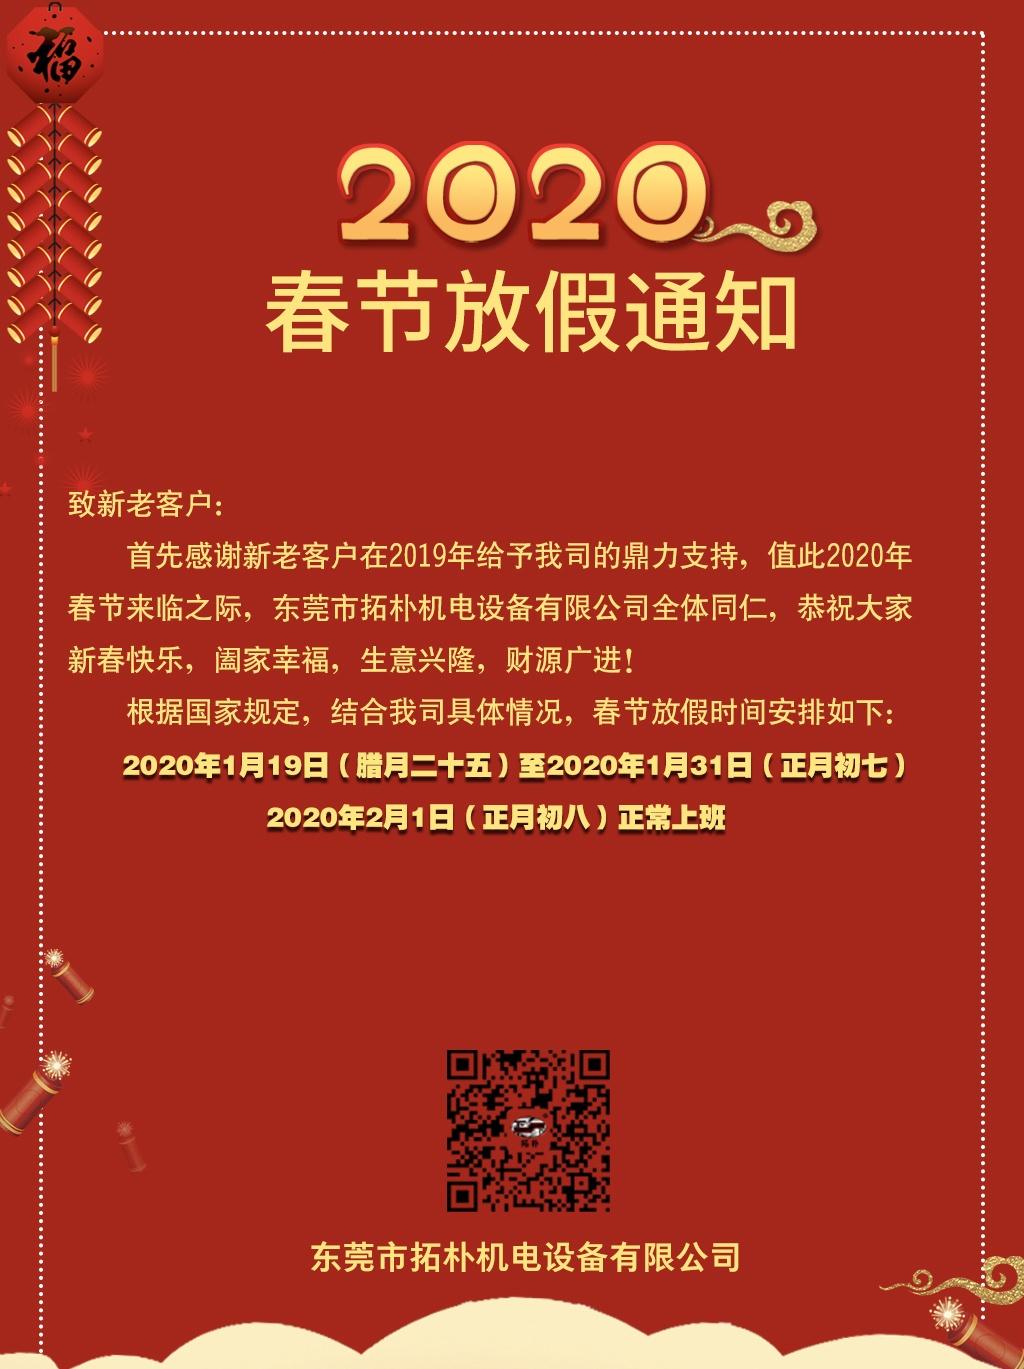 2020春節放假通知.jpg